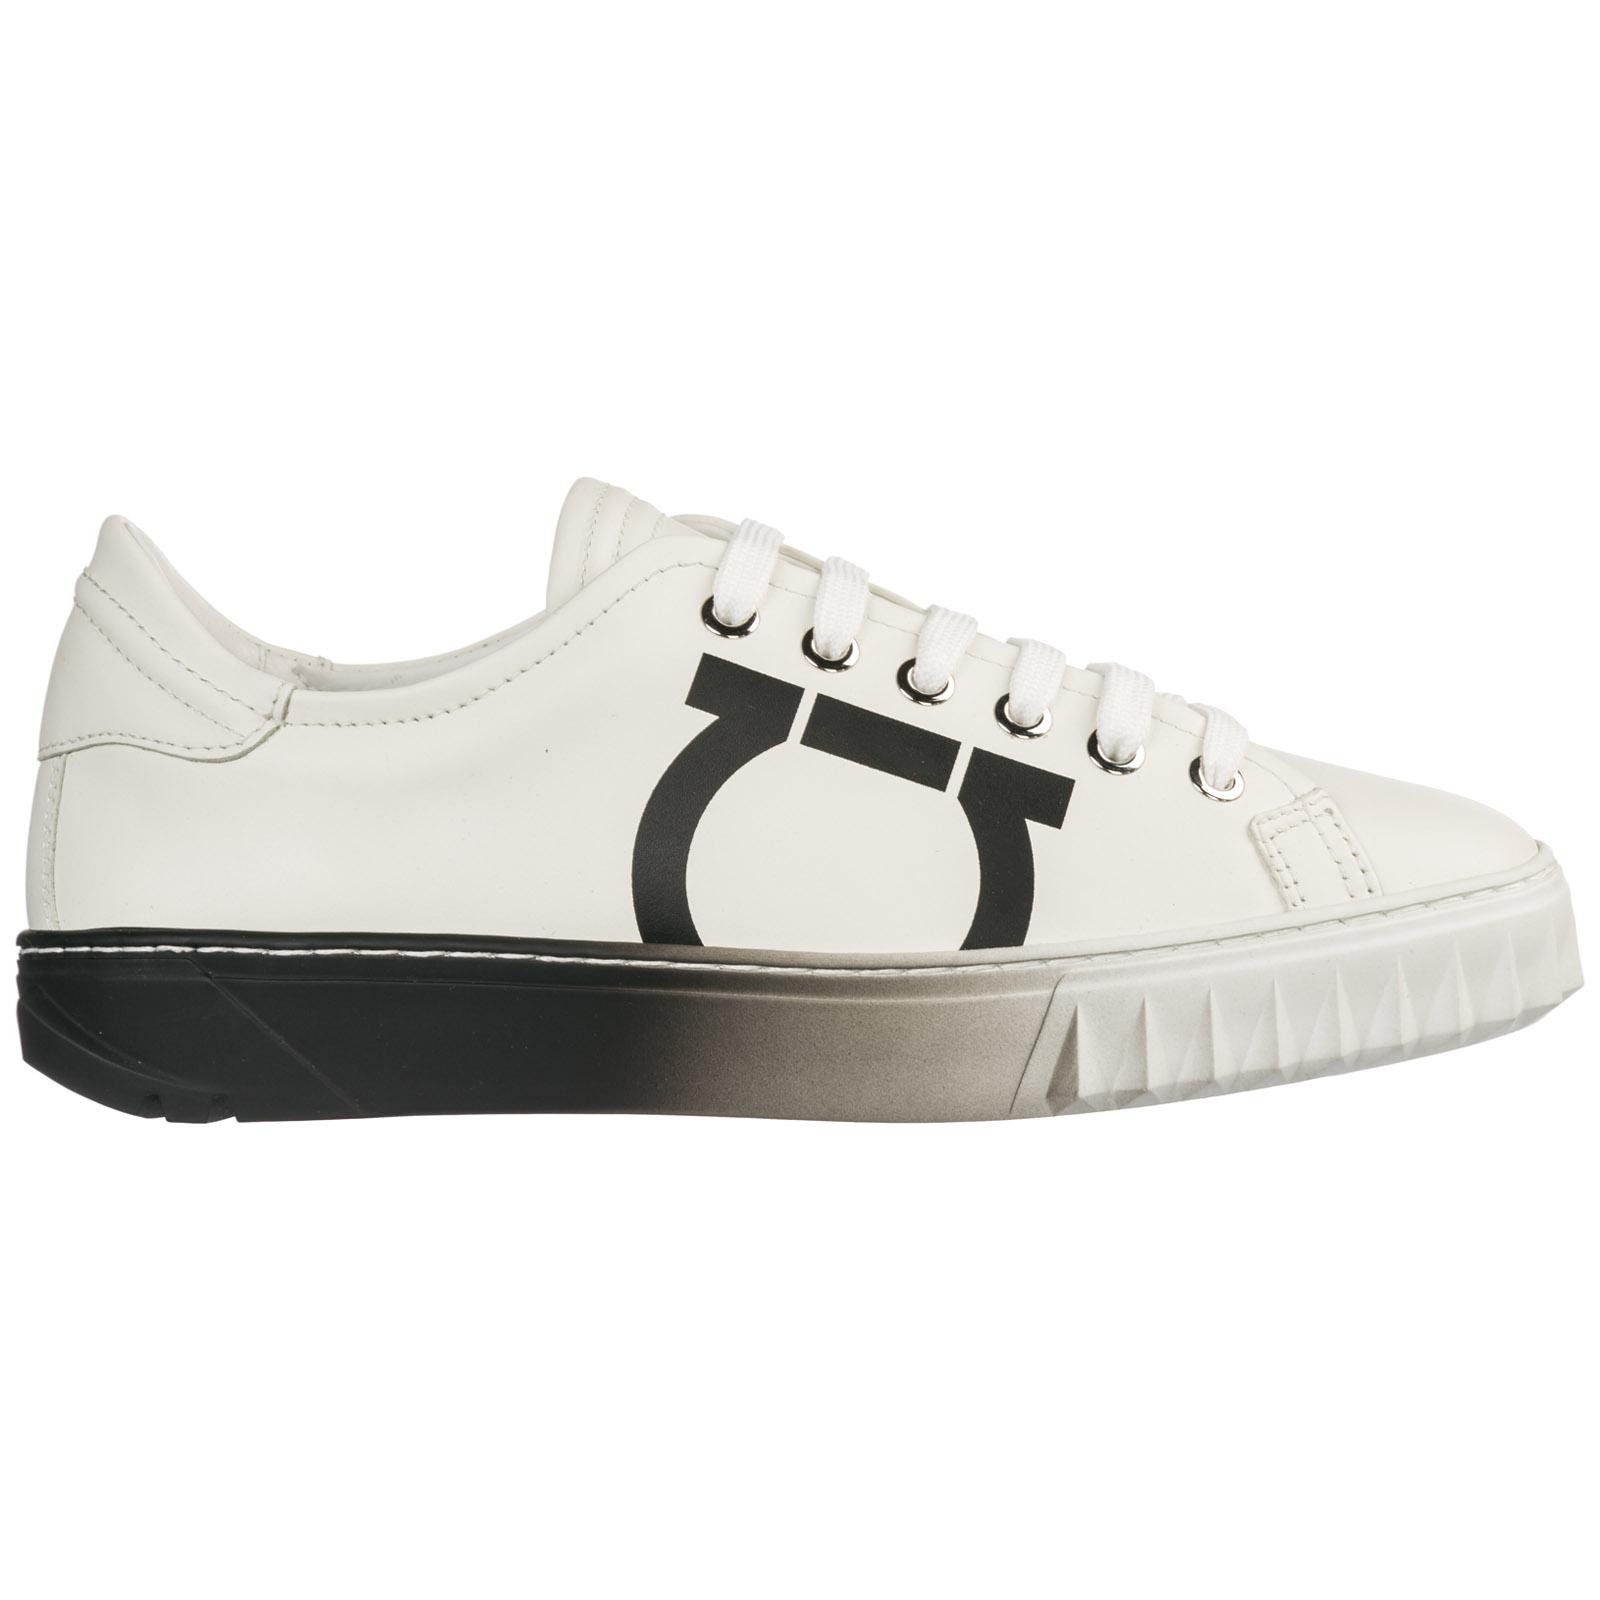 929cb647a Zapatos zapatillas de deporte mujer en piel gancini